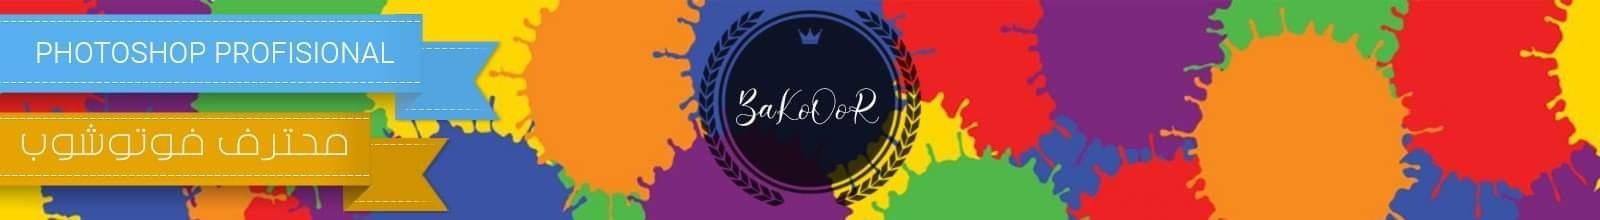 BaKoOoR